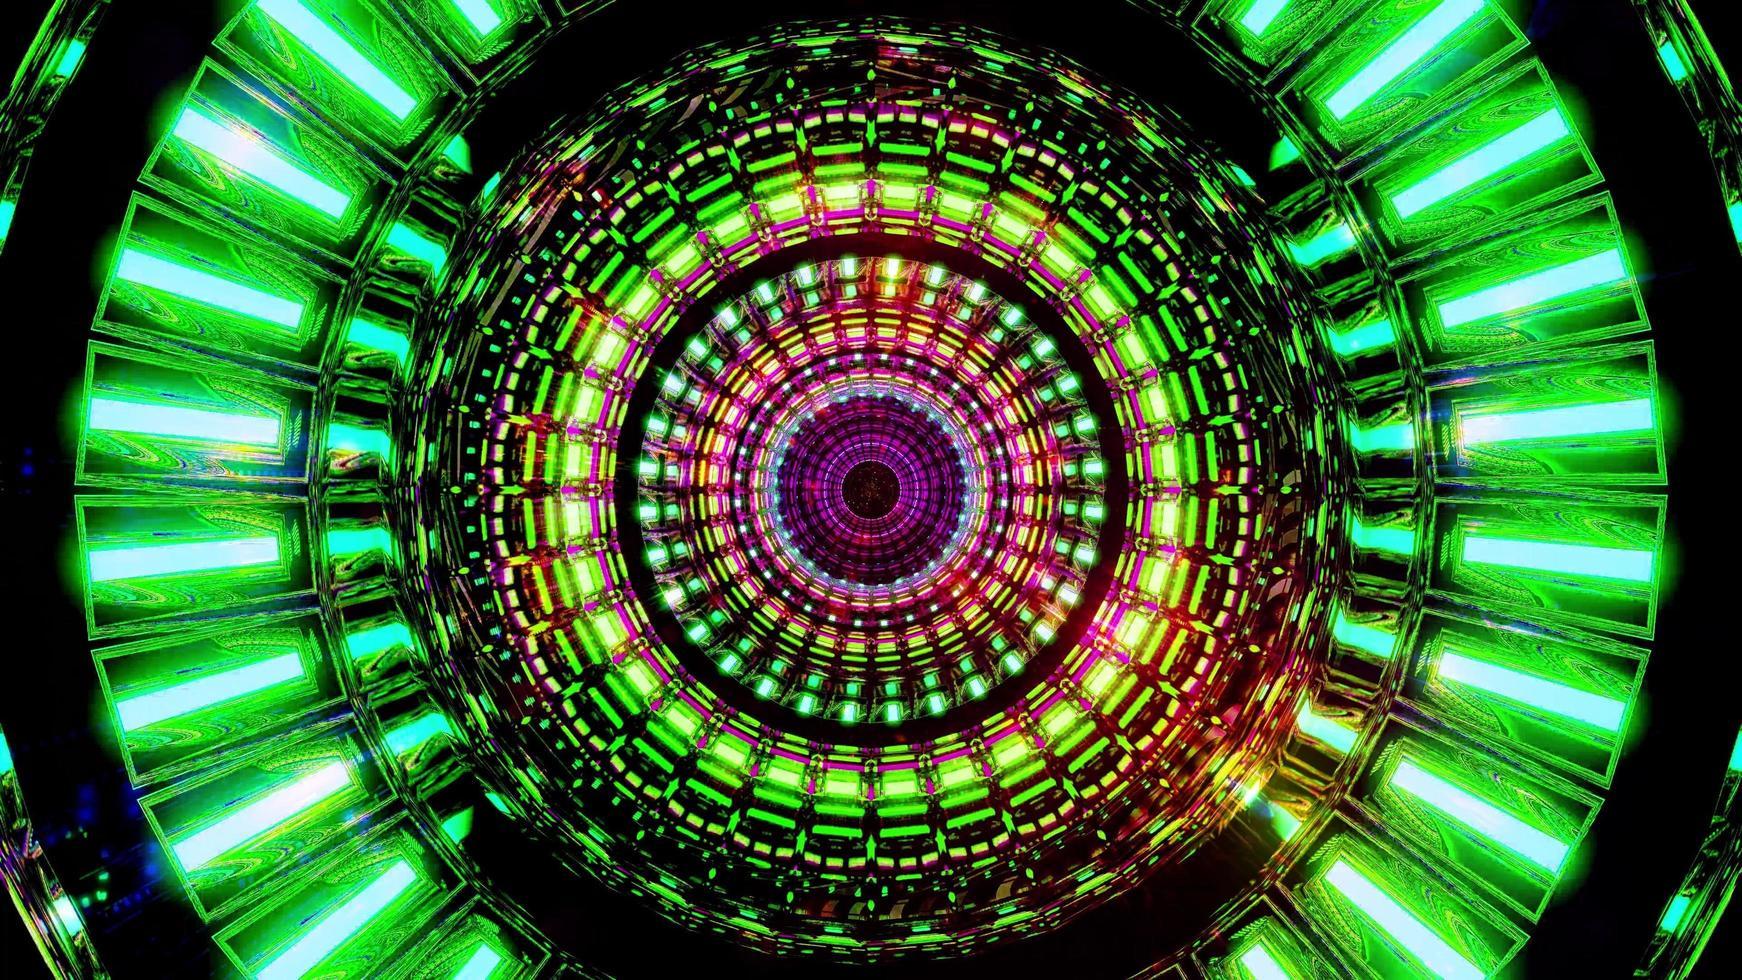 roterend ruimteontwerp met gloeiende neondeeltjes 3d illustratie achtergrondbehangontwerpkunstwerk foto